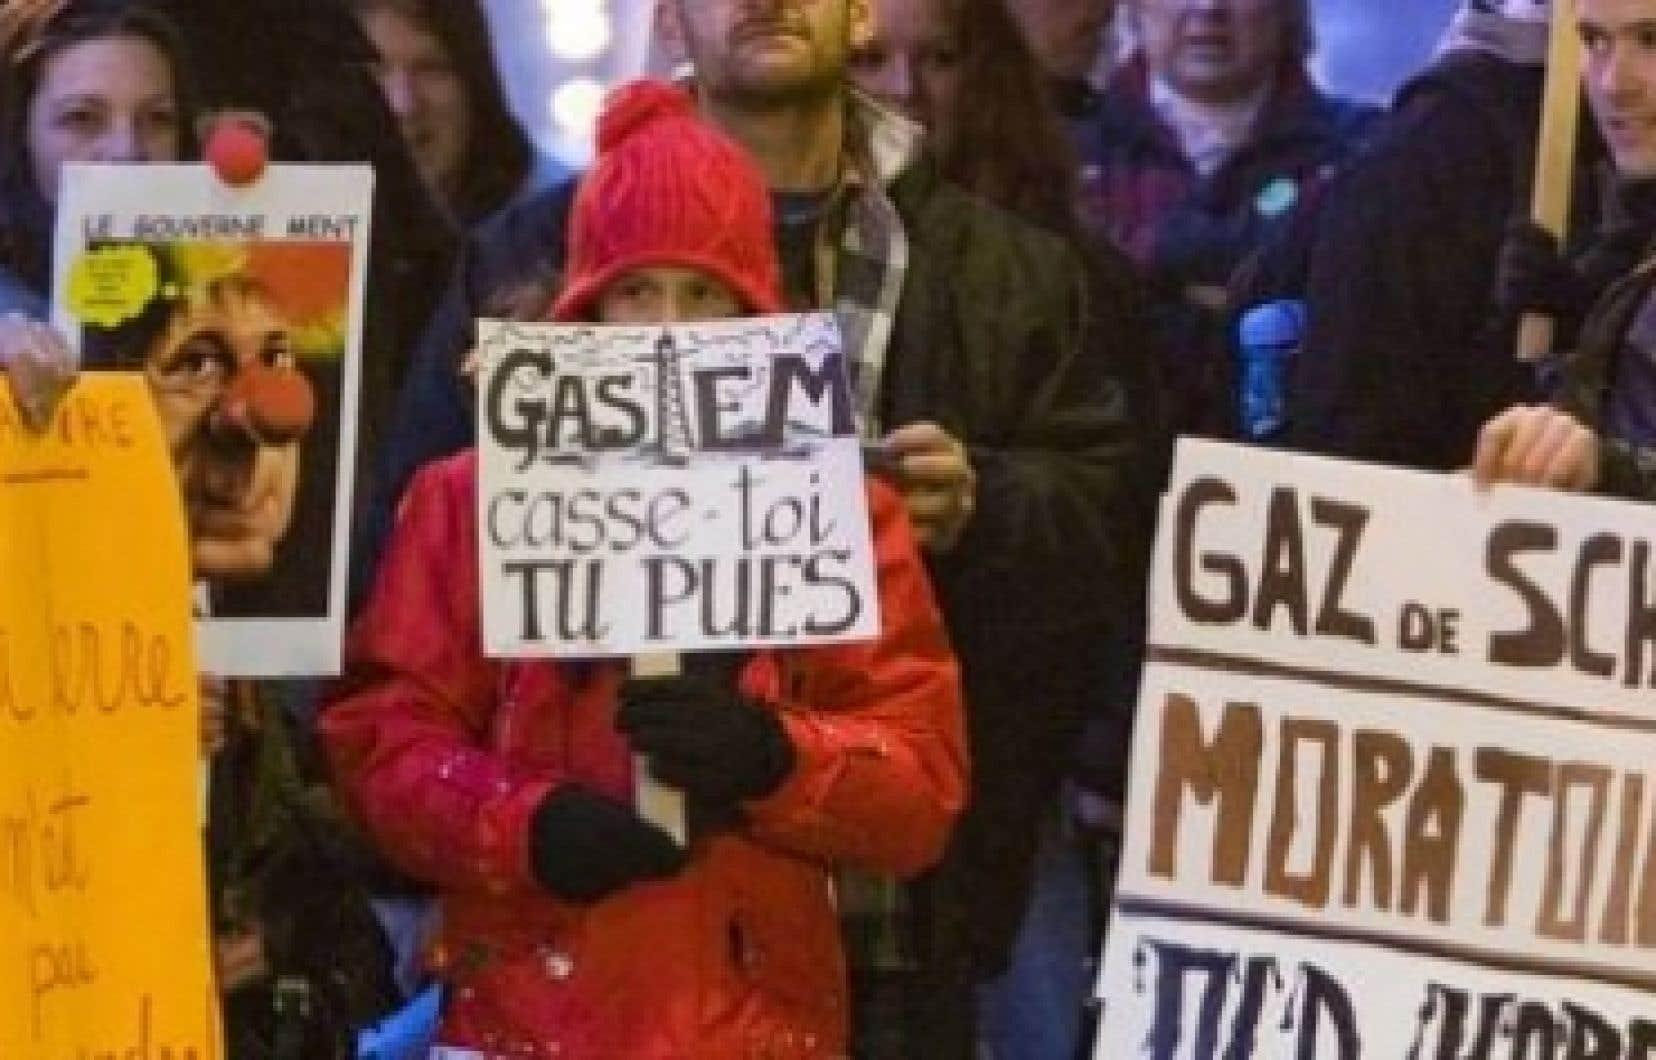 Les opposants au gaz de schiste doivent maintenant s'adapter à l'attitude plus ouverte du nouveau gouvernement.